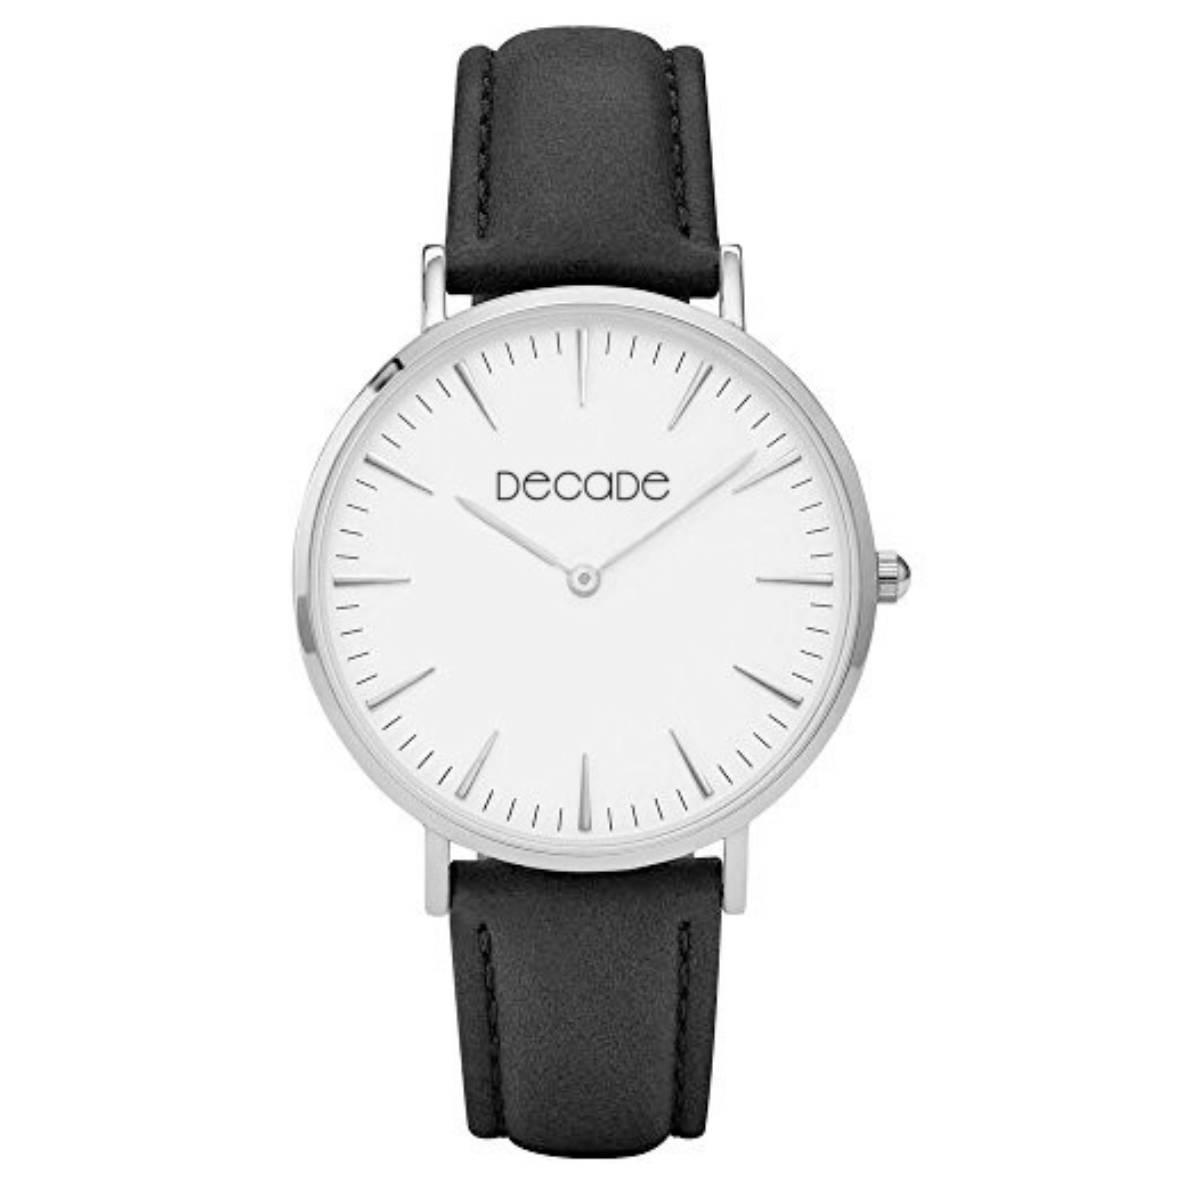 DECADE Armbanduhr D101 Quarz Leder schwarz